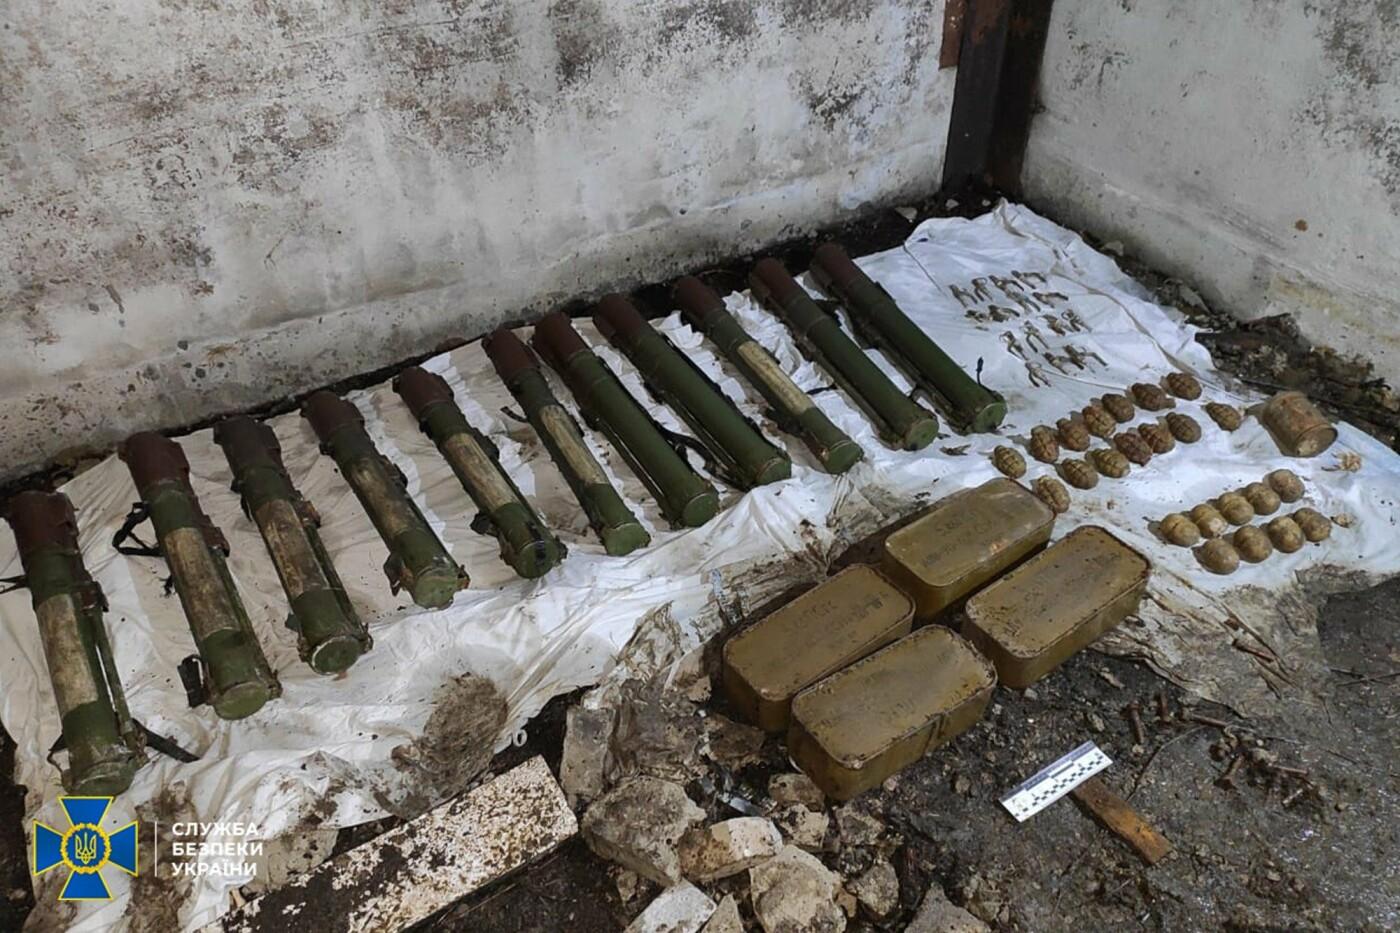 СБУ Сумщини ліквідувала на Донеччині схрон зі зброєю, залишений бойовиками угруповання терориста Гіркіна , фото-1